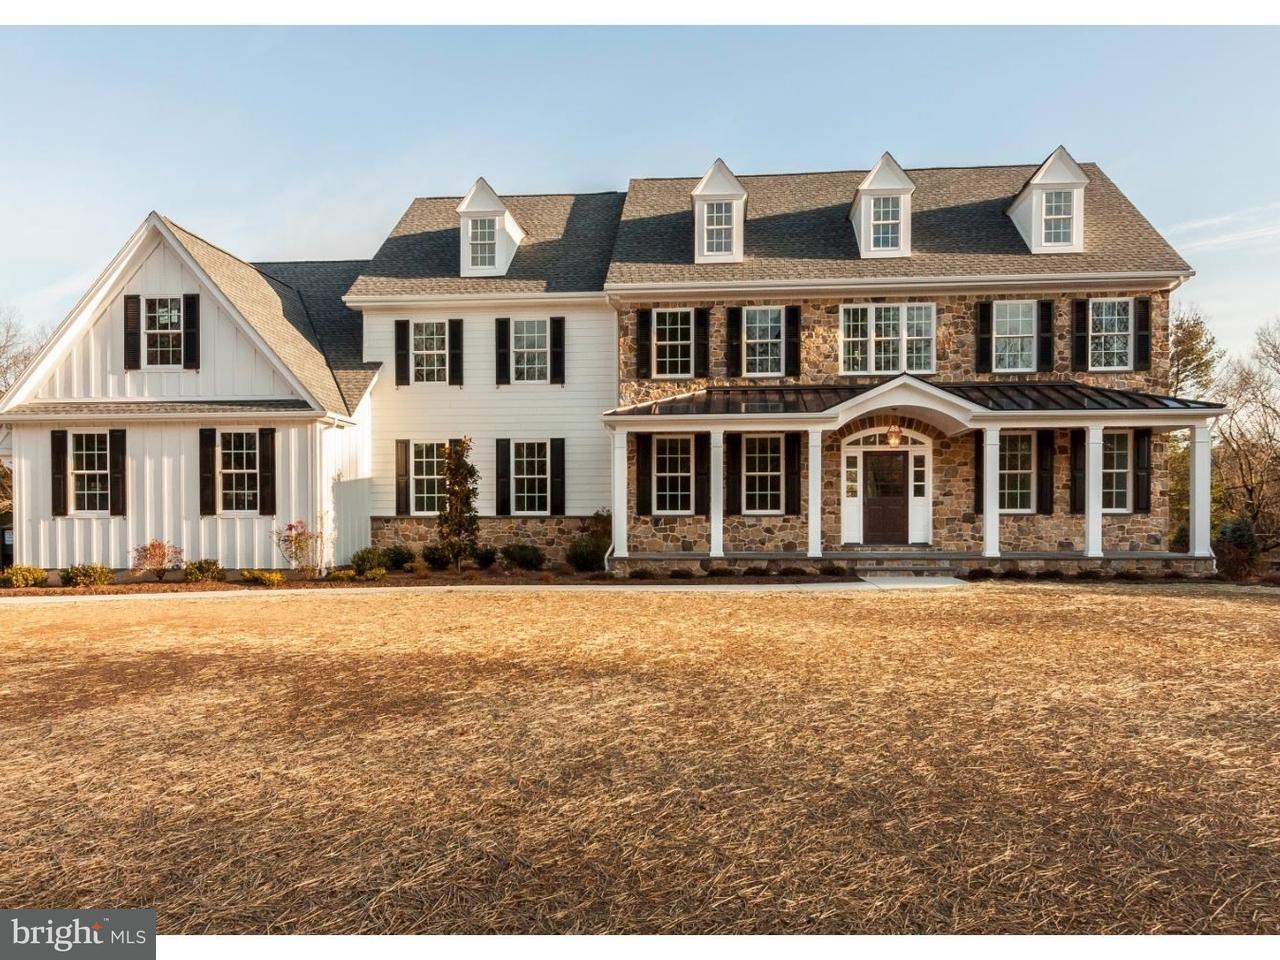 独户住宅 为 销售 在 396 PLYMOUTH Road 安布勒, 宾夕法尼亚州 19002 美国